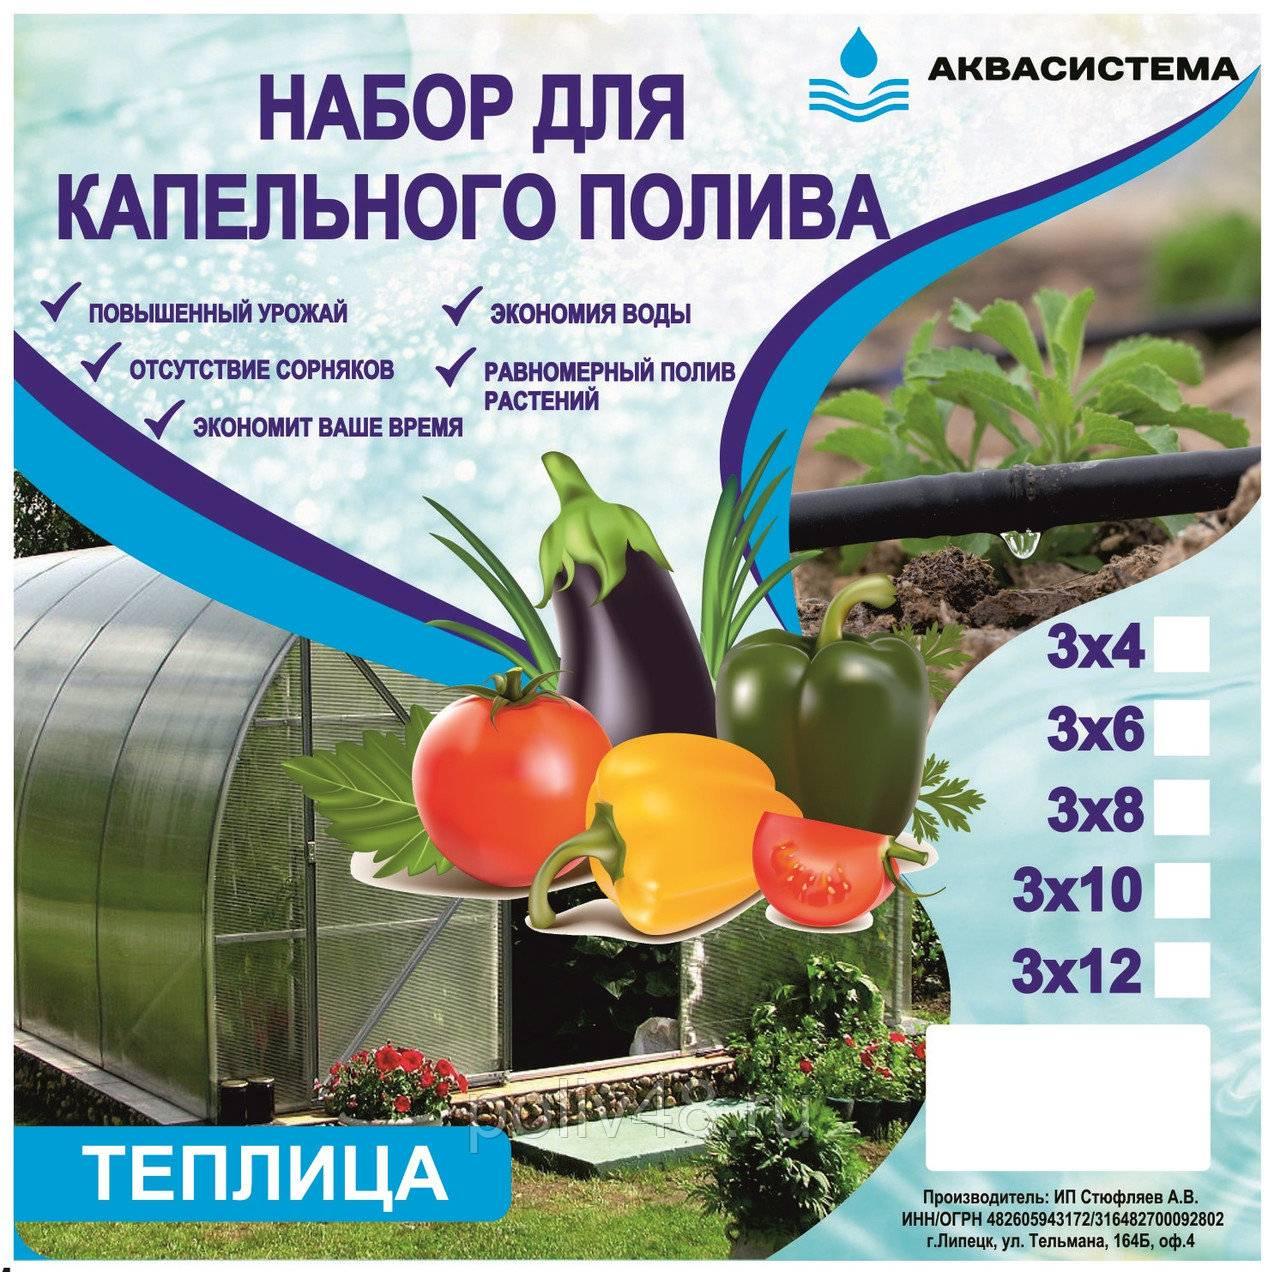 Система капельного полива. особенности и преимущества ⋆ «премьер агро» — агропромышленный журнал